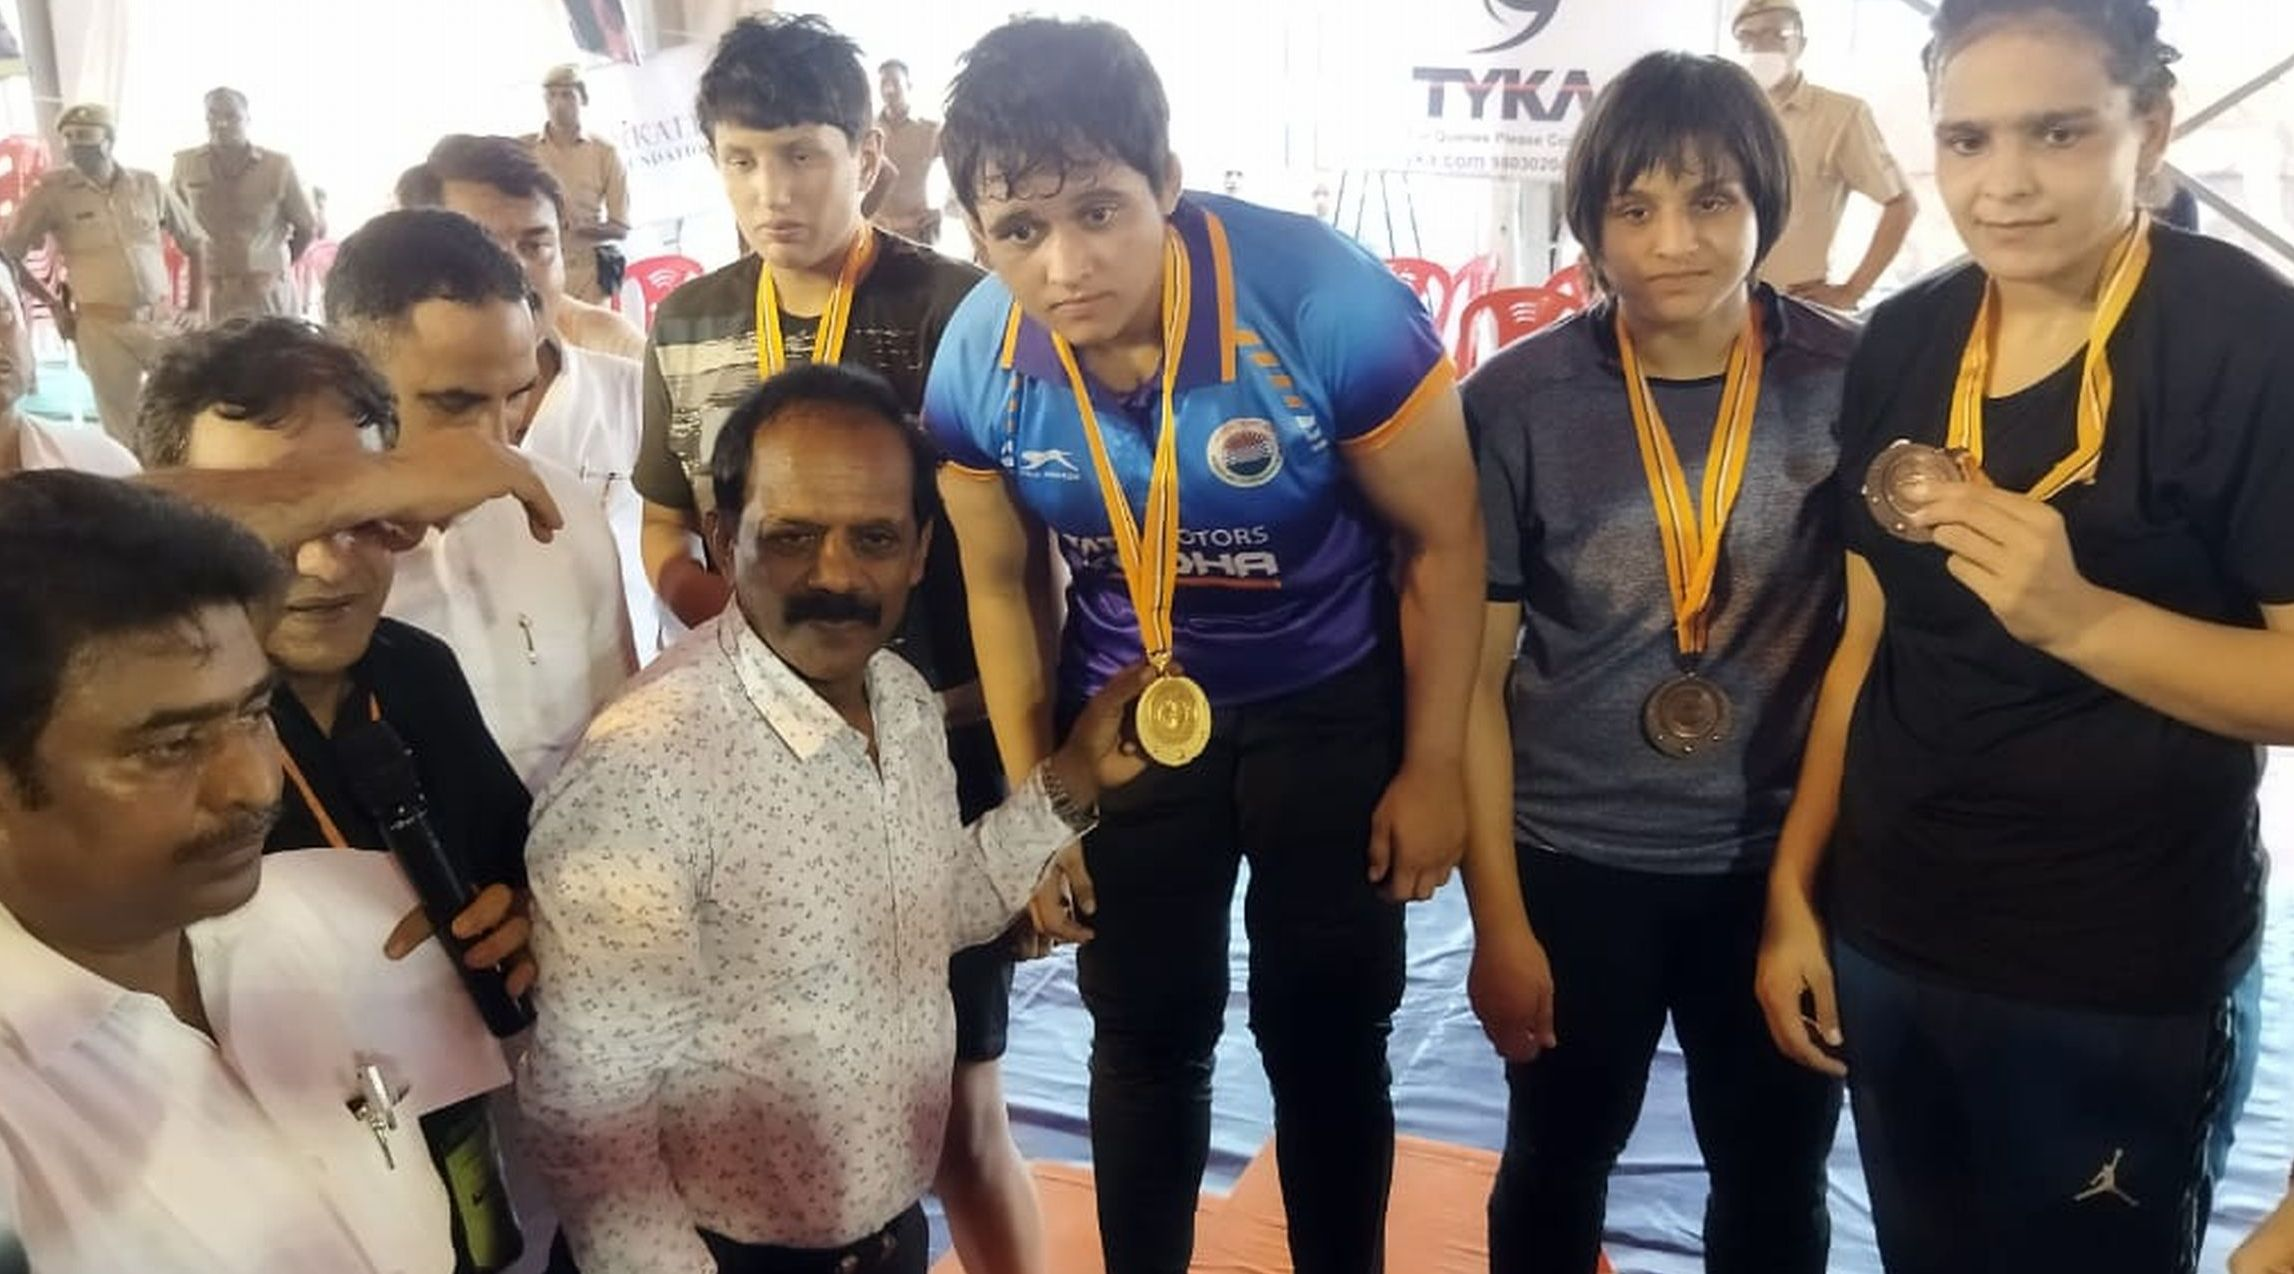 28 : गौरीगंज : कौहार में आयोजित राष्ट्रीय कुश्ती प्रतियोगिता में विजेता खिलाडिय़ों को मेडल देते अत?